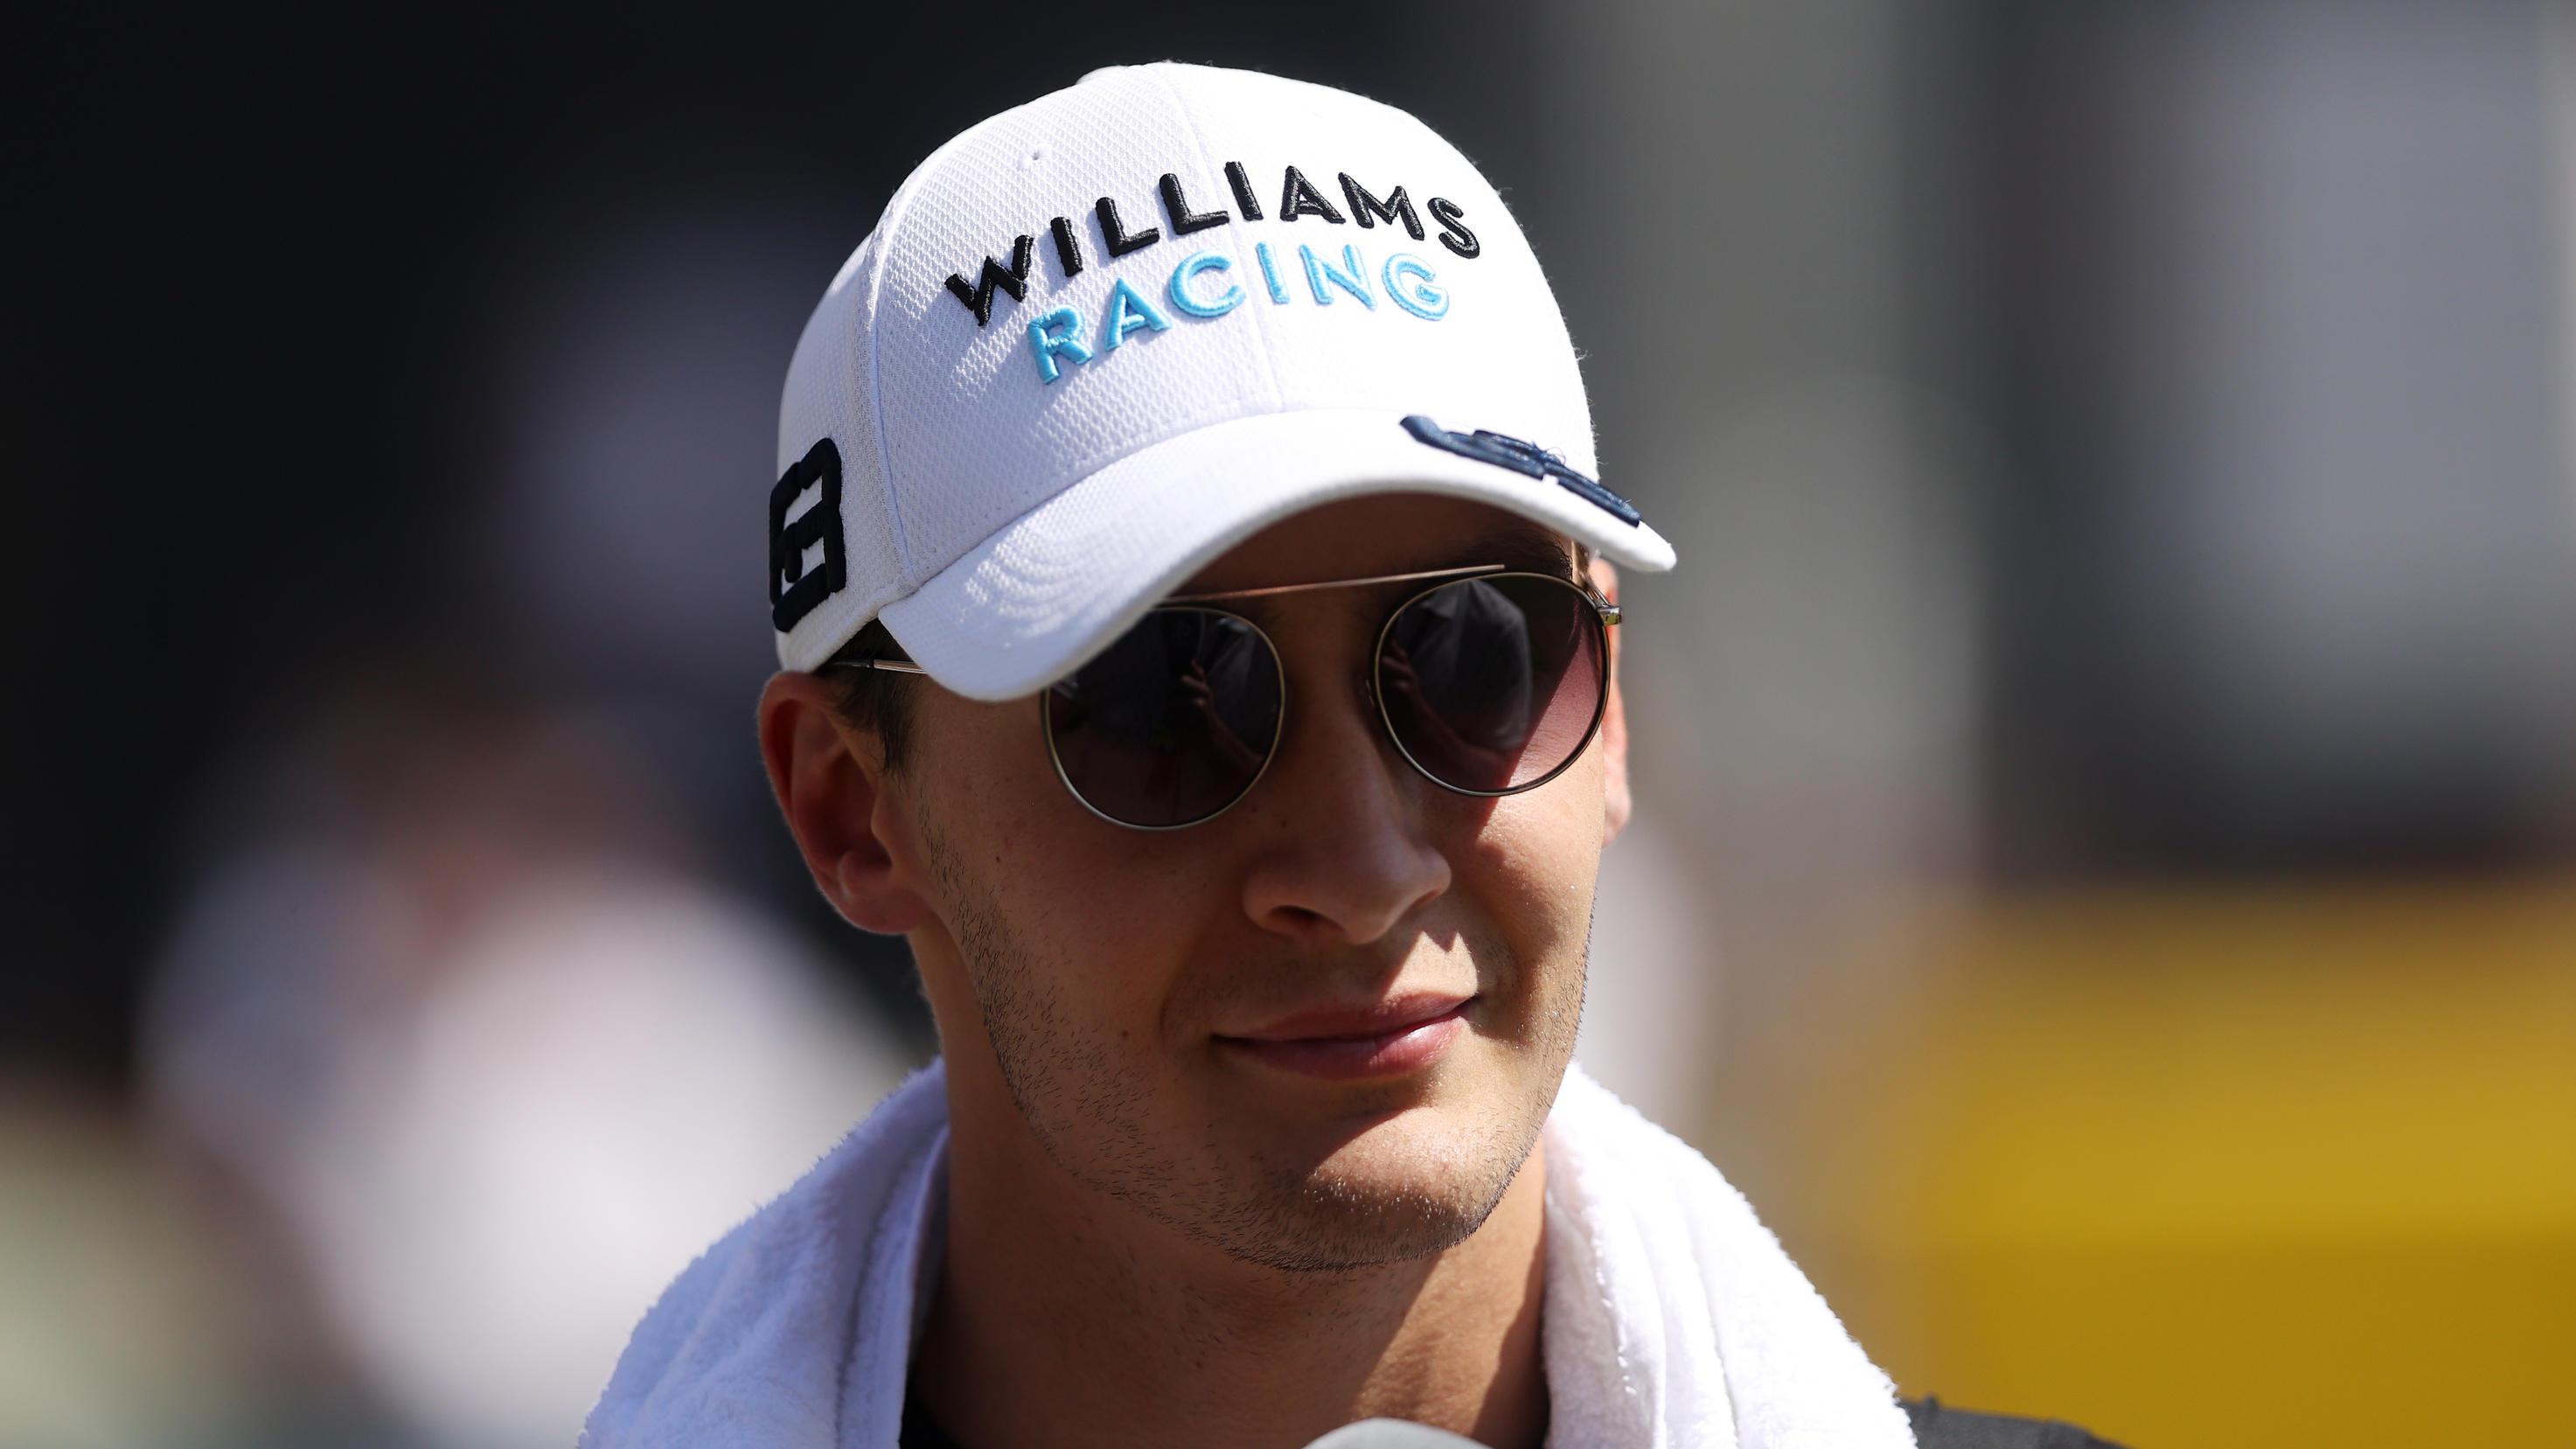 Formel 1: George Russell schwärmt und schickt Kampfansage an Lewis Hamilton - exklusives RTL-Interview